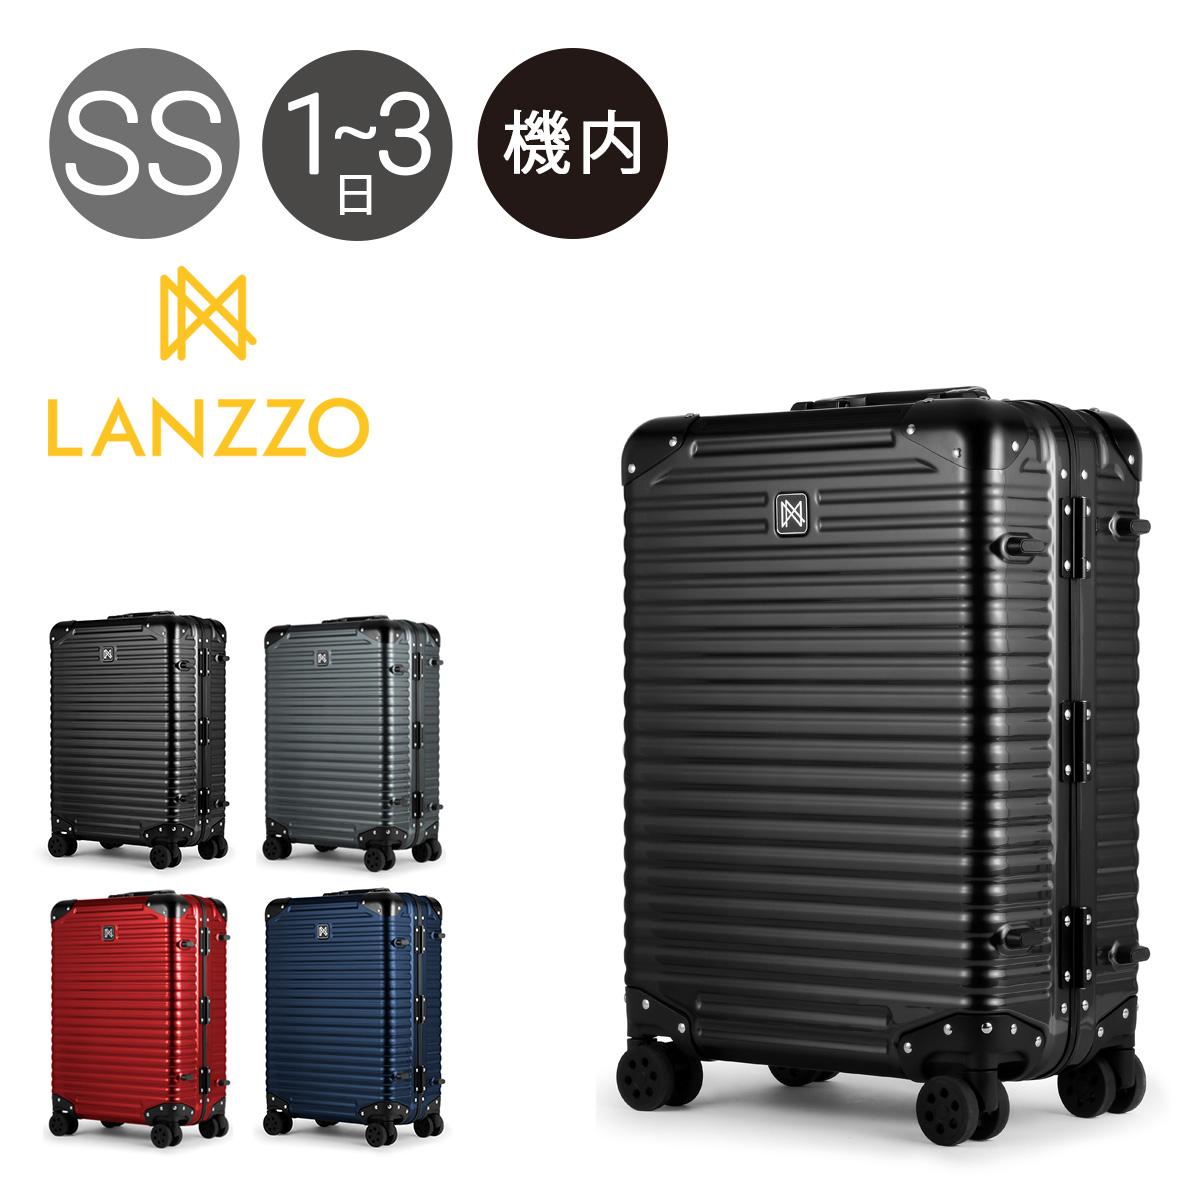 ランツォ スーツケース 34L 49cm 3.9kg ハード フレーム 機内持ち込み ノーマンライト 21インチ LANZZO | キャリーケース TSAロック搭載 軽量 ポリカーボネート 5年保証